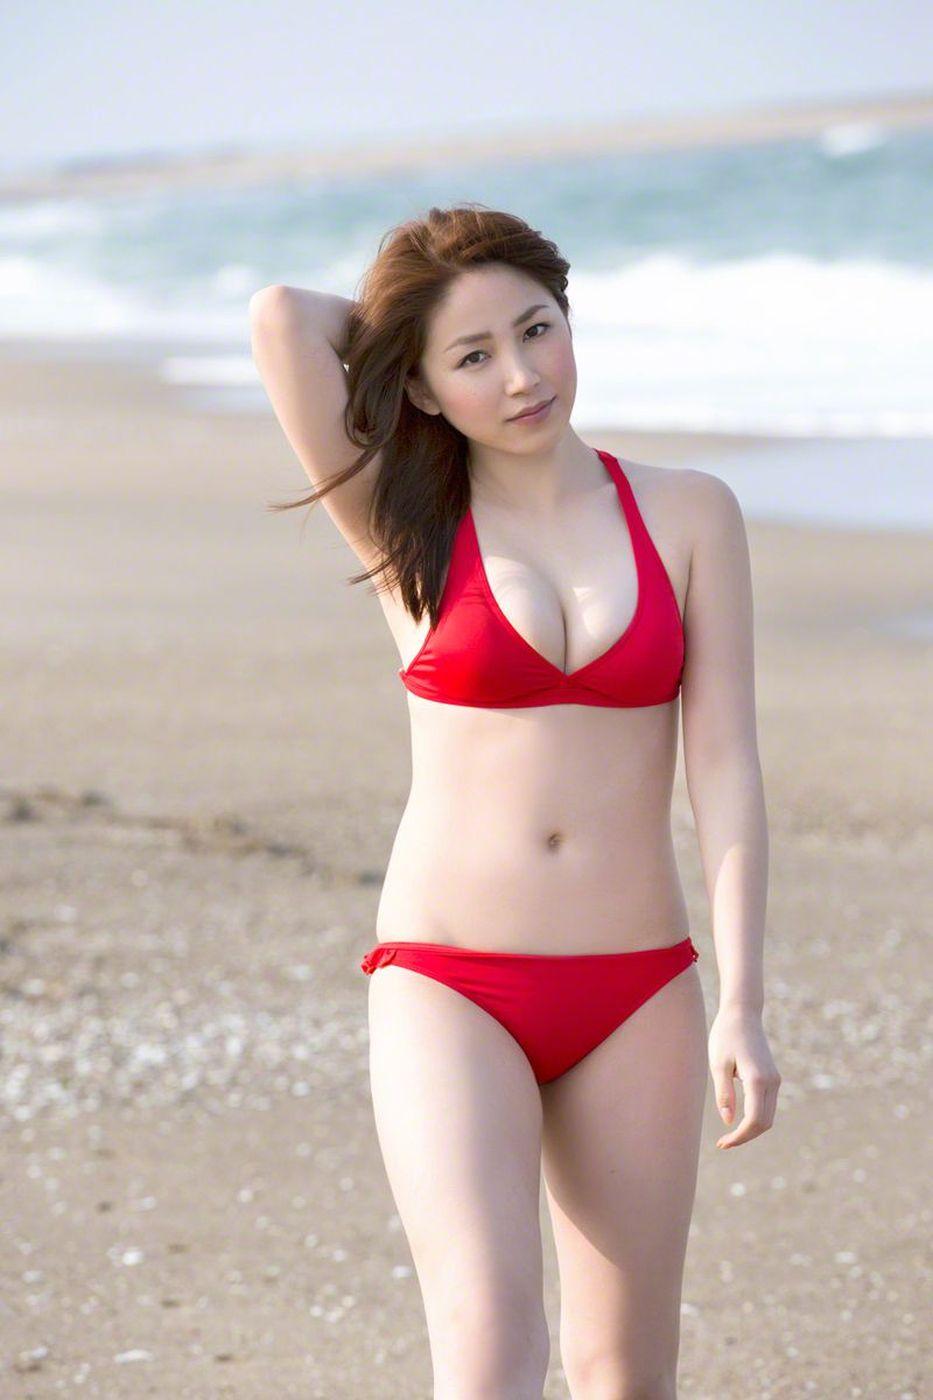 [Wanibooks套图] 日本人气女歌手吉川友爆乳翘臀内衣诱惑写真集